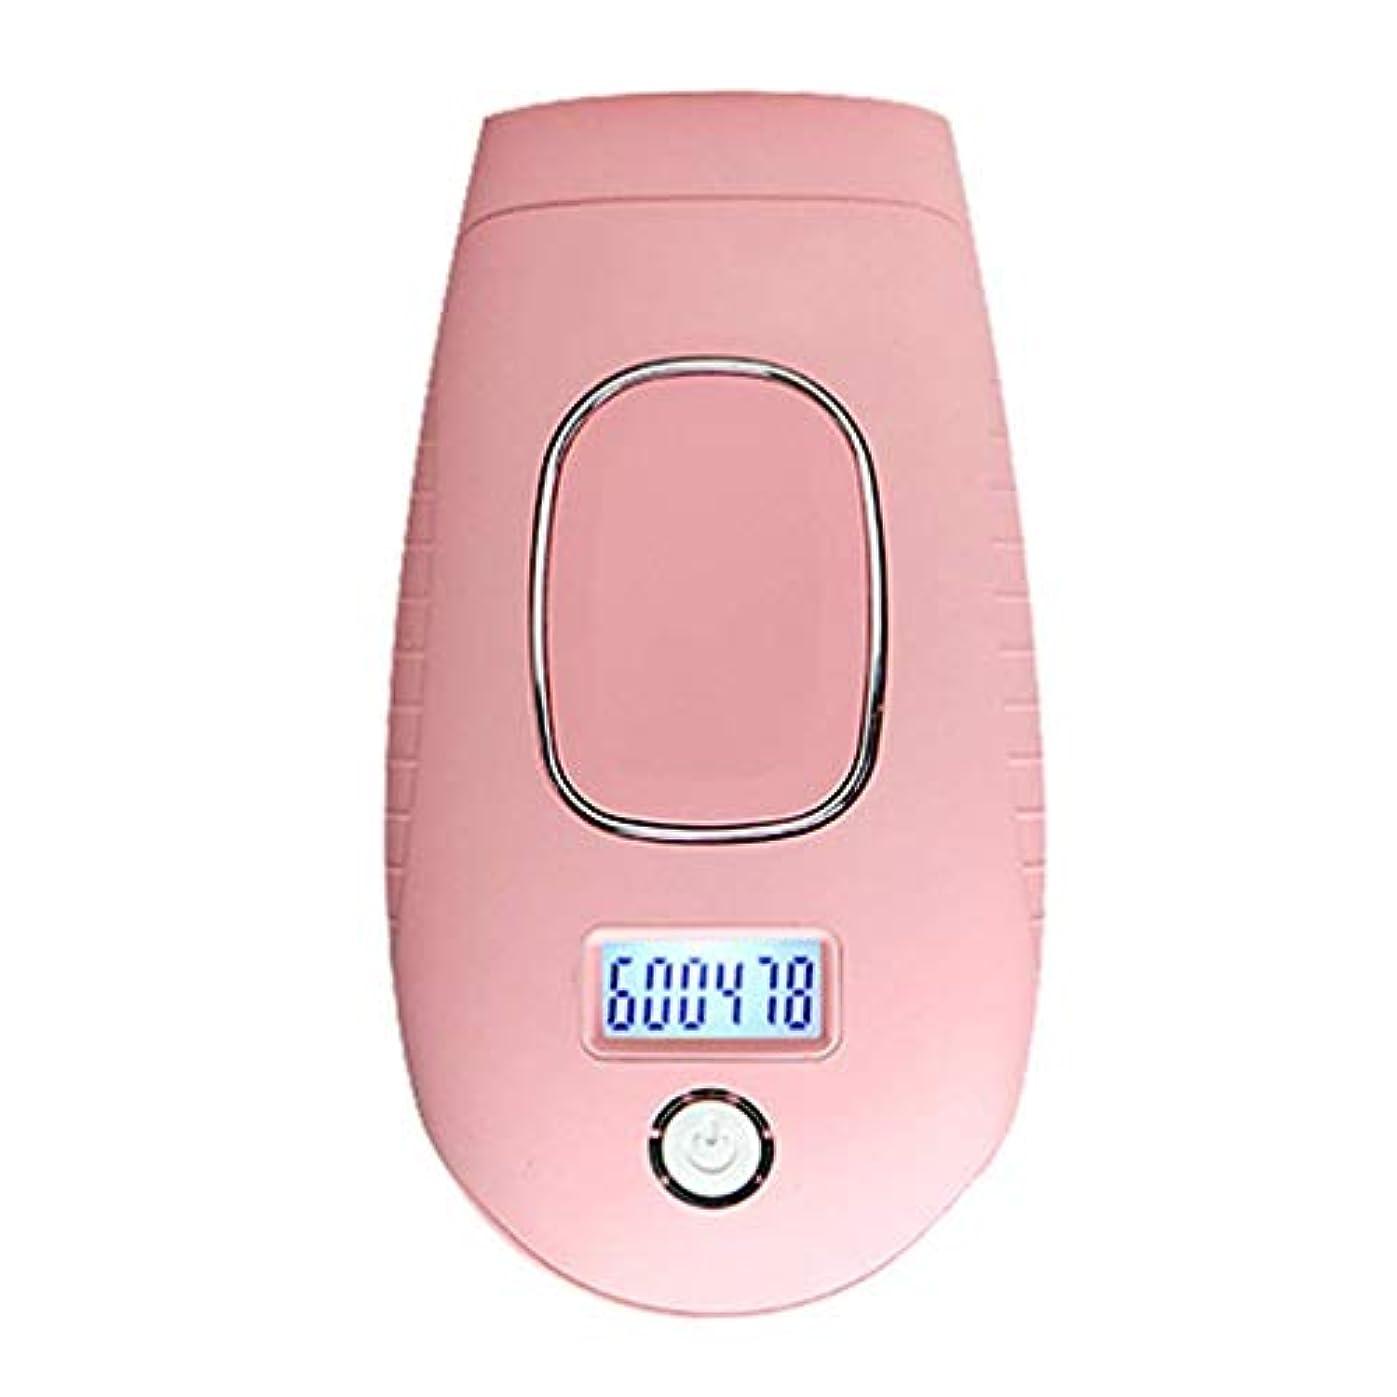 技術クラシック風刺IPL脱毛装置、パルス光脱毛器600000フラッシュ、無痛永久脱毛システム、体、顔、脇の下、ビキニライン用女性男性,Pink